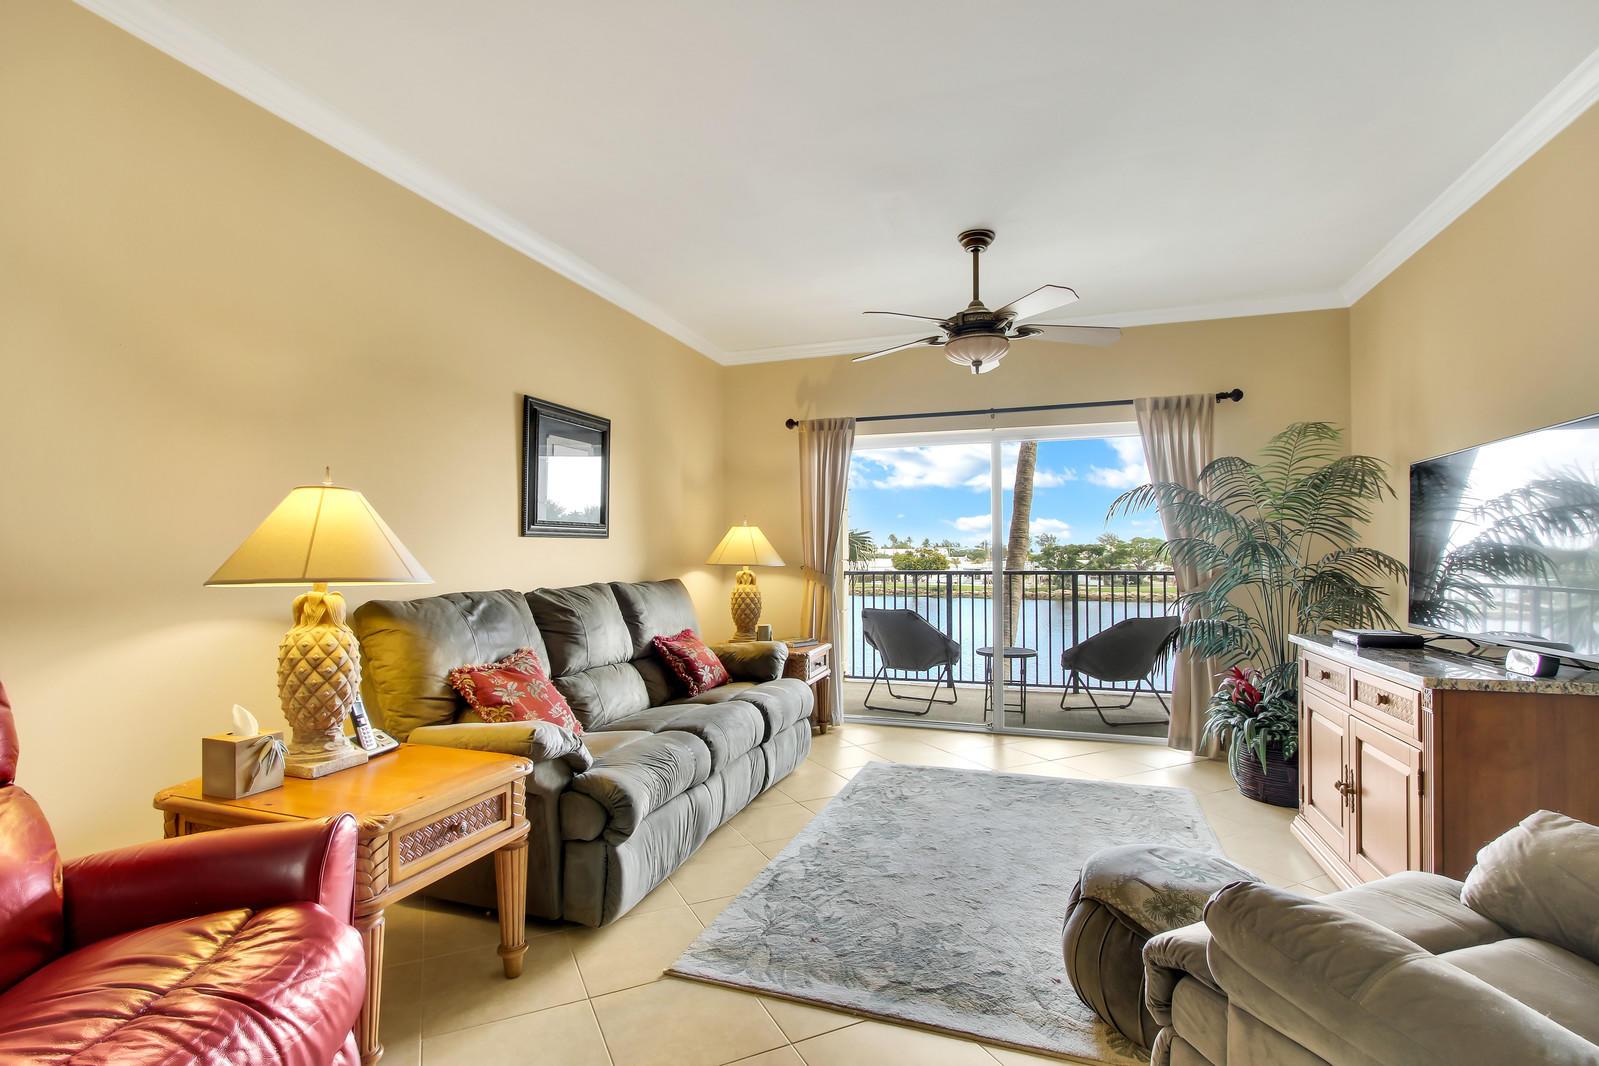 4206 Tuscany Way 4206 Boynton Beach, FL 33435